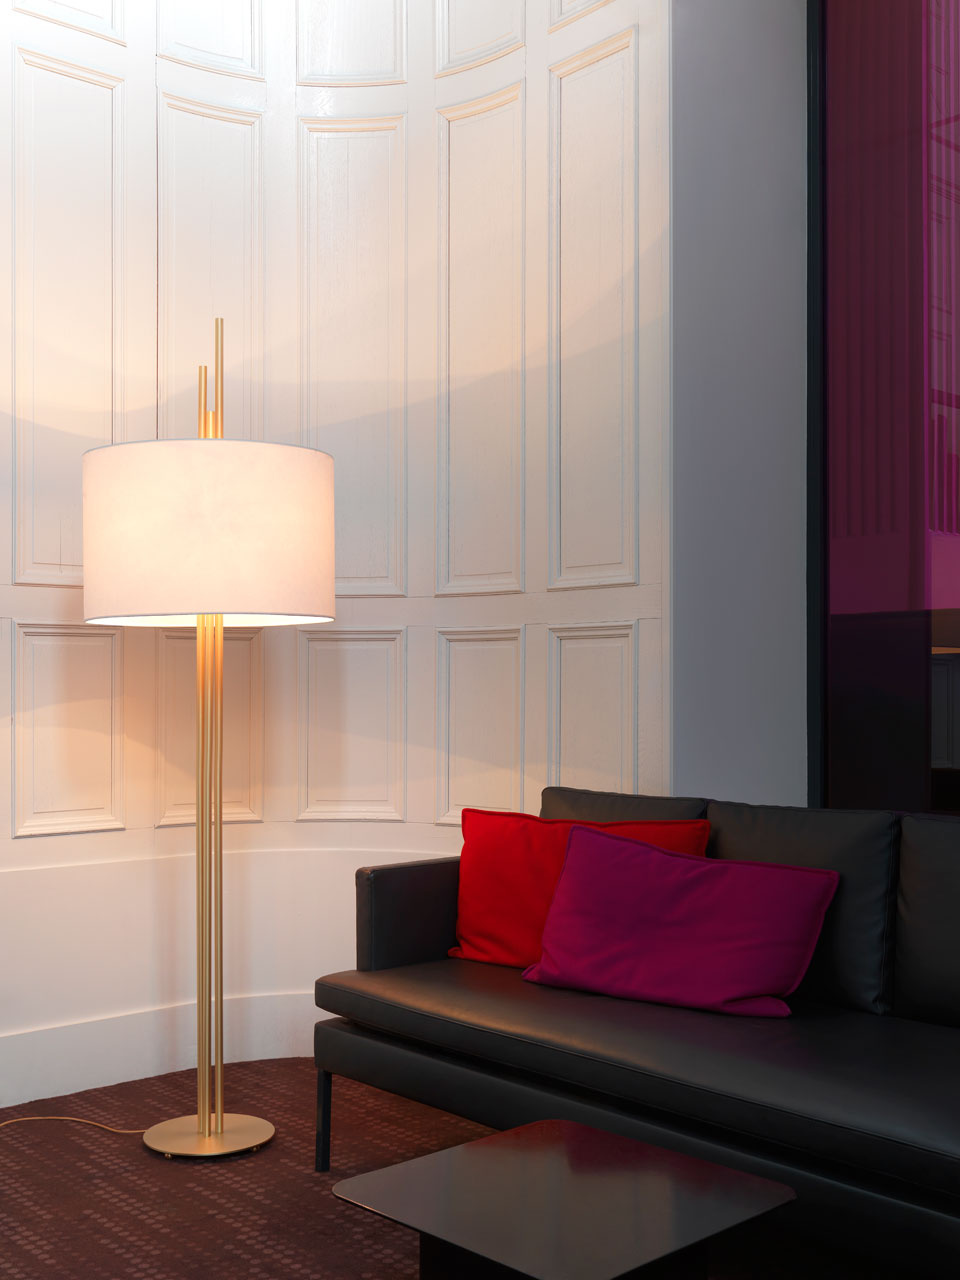 Upper lampadaire design, doré, en tube de laiton satiné, abat-jour blanc . CVL Luminaires.